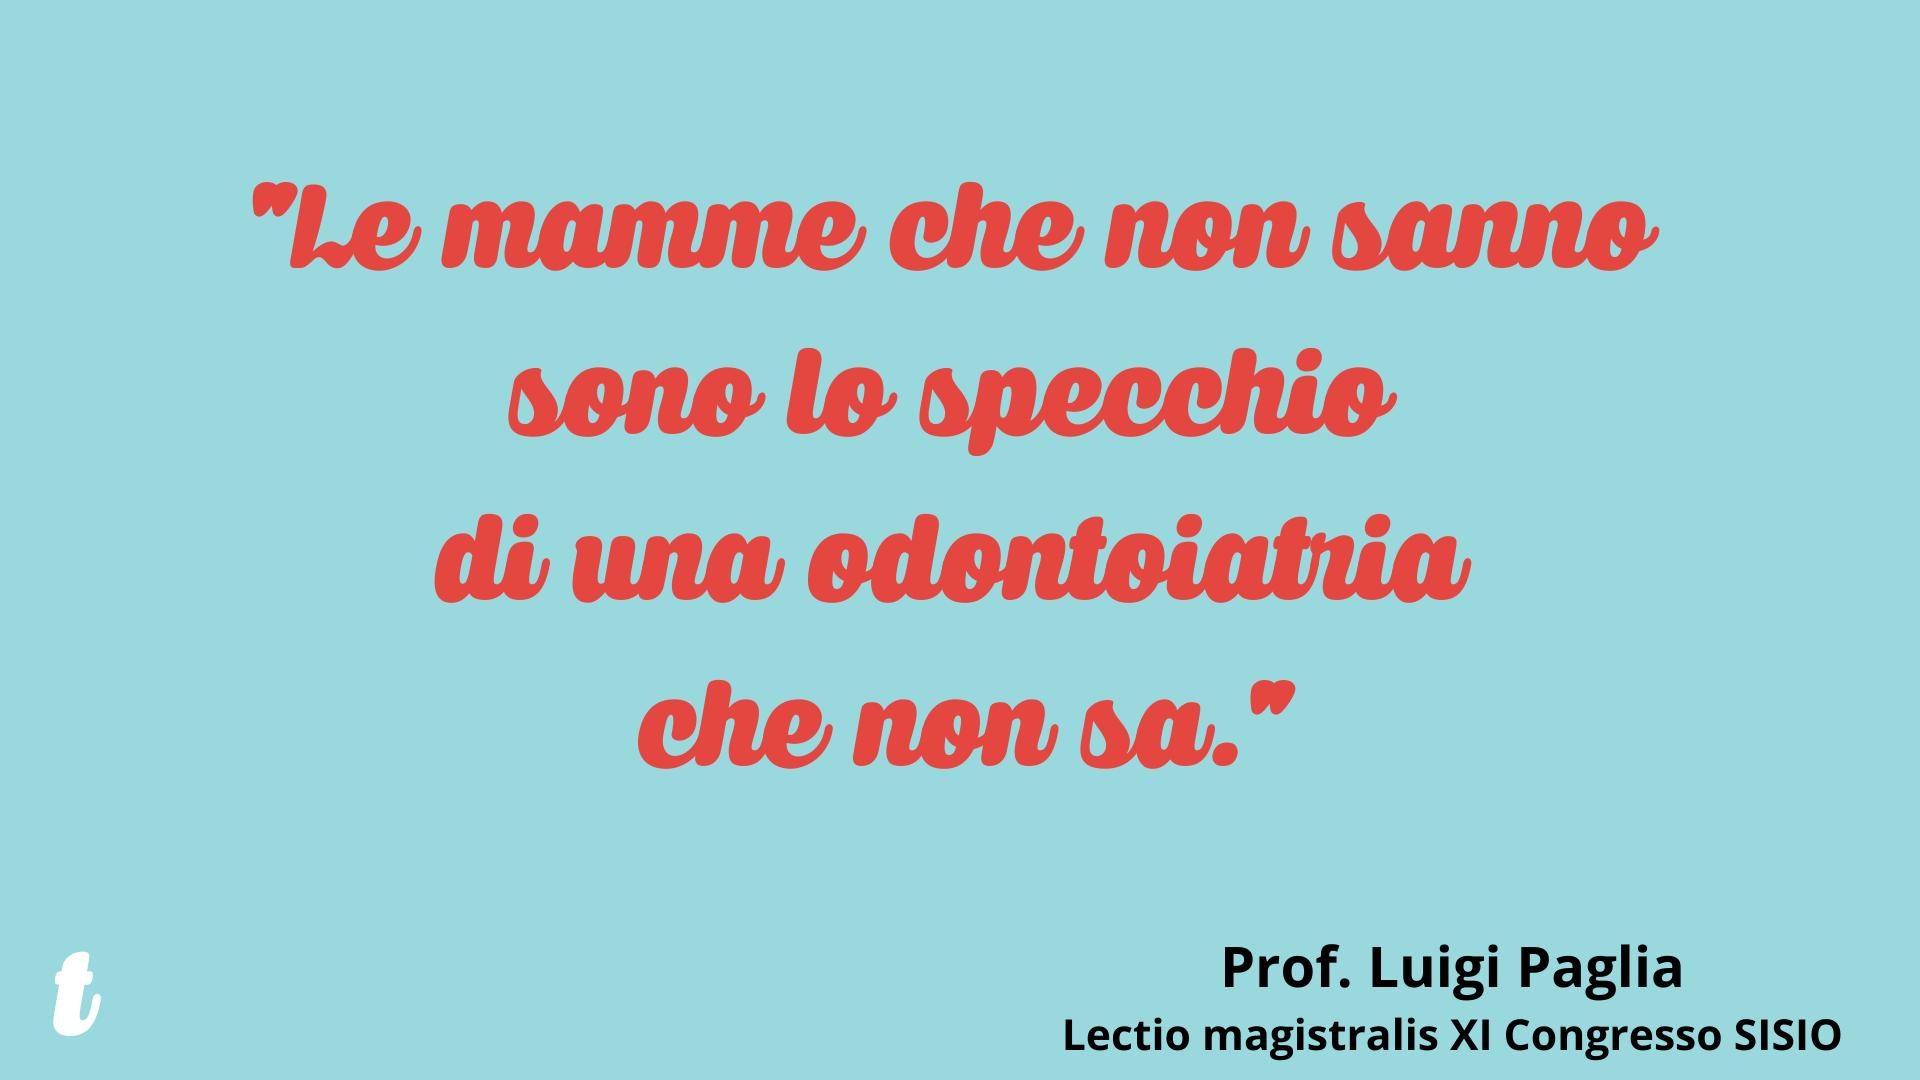 Prof Luigi Paglia